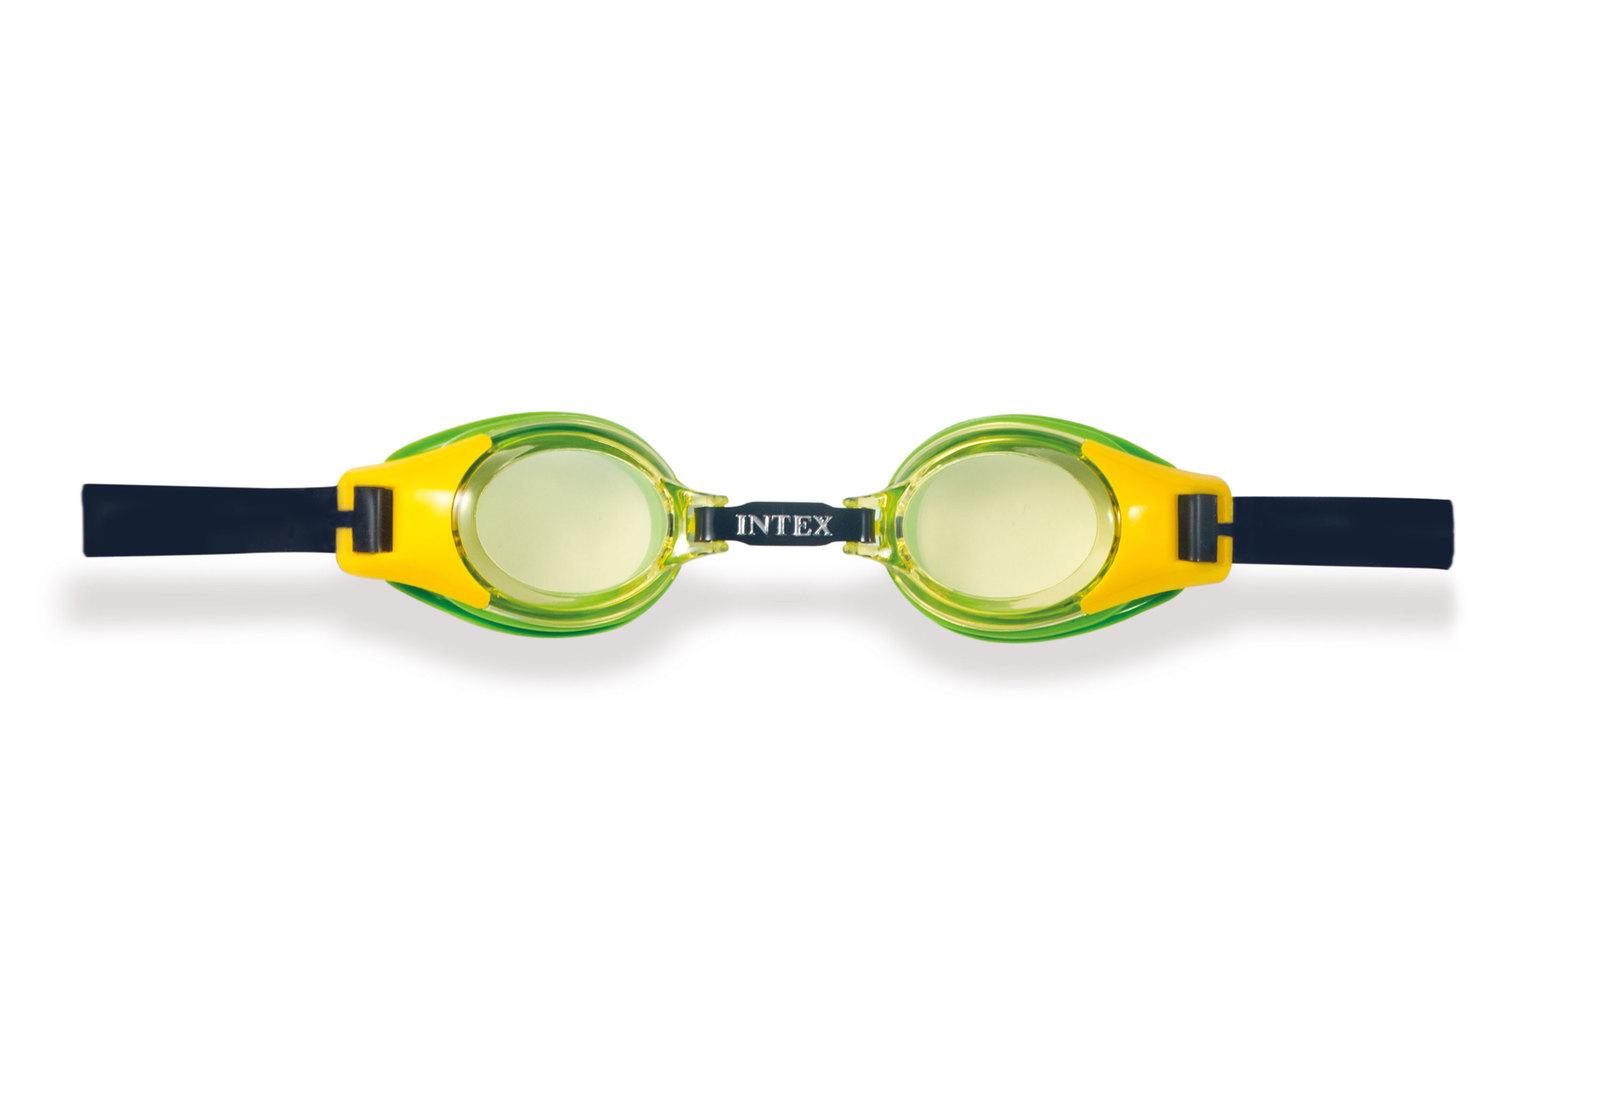 Intex: Junior Goggles - Green image